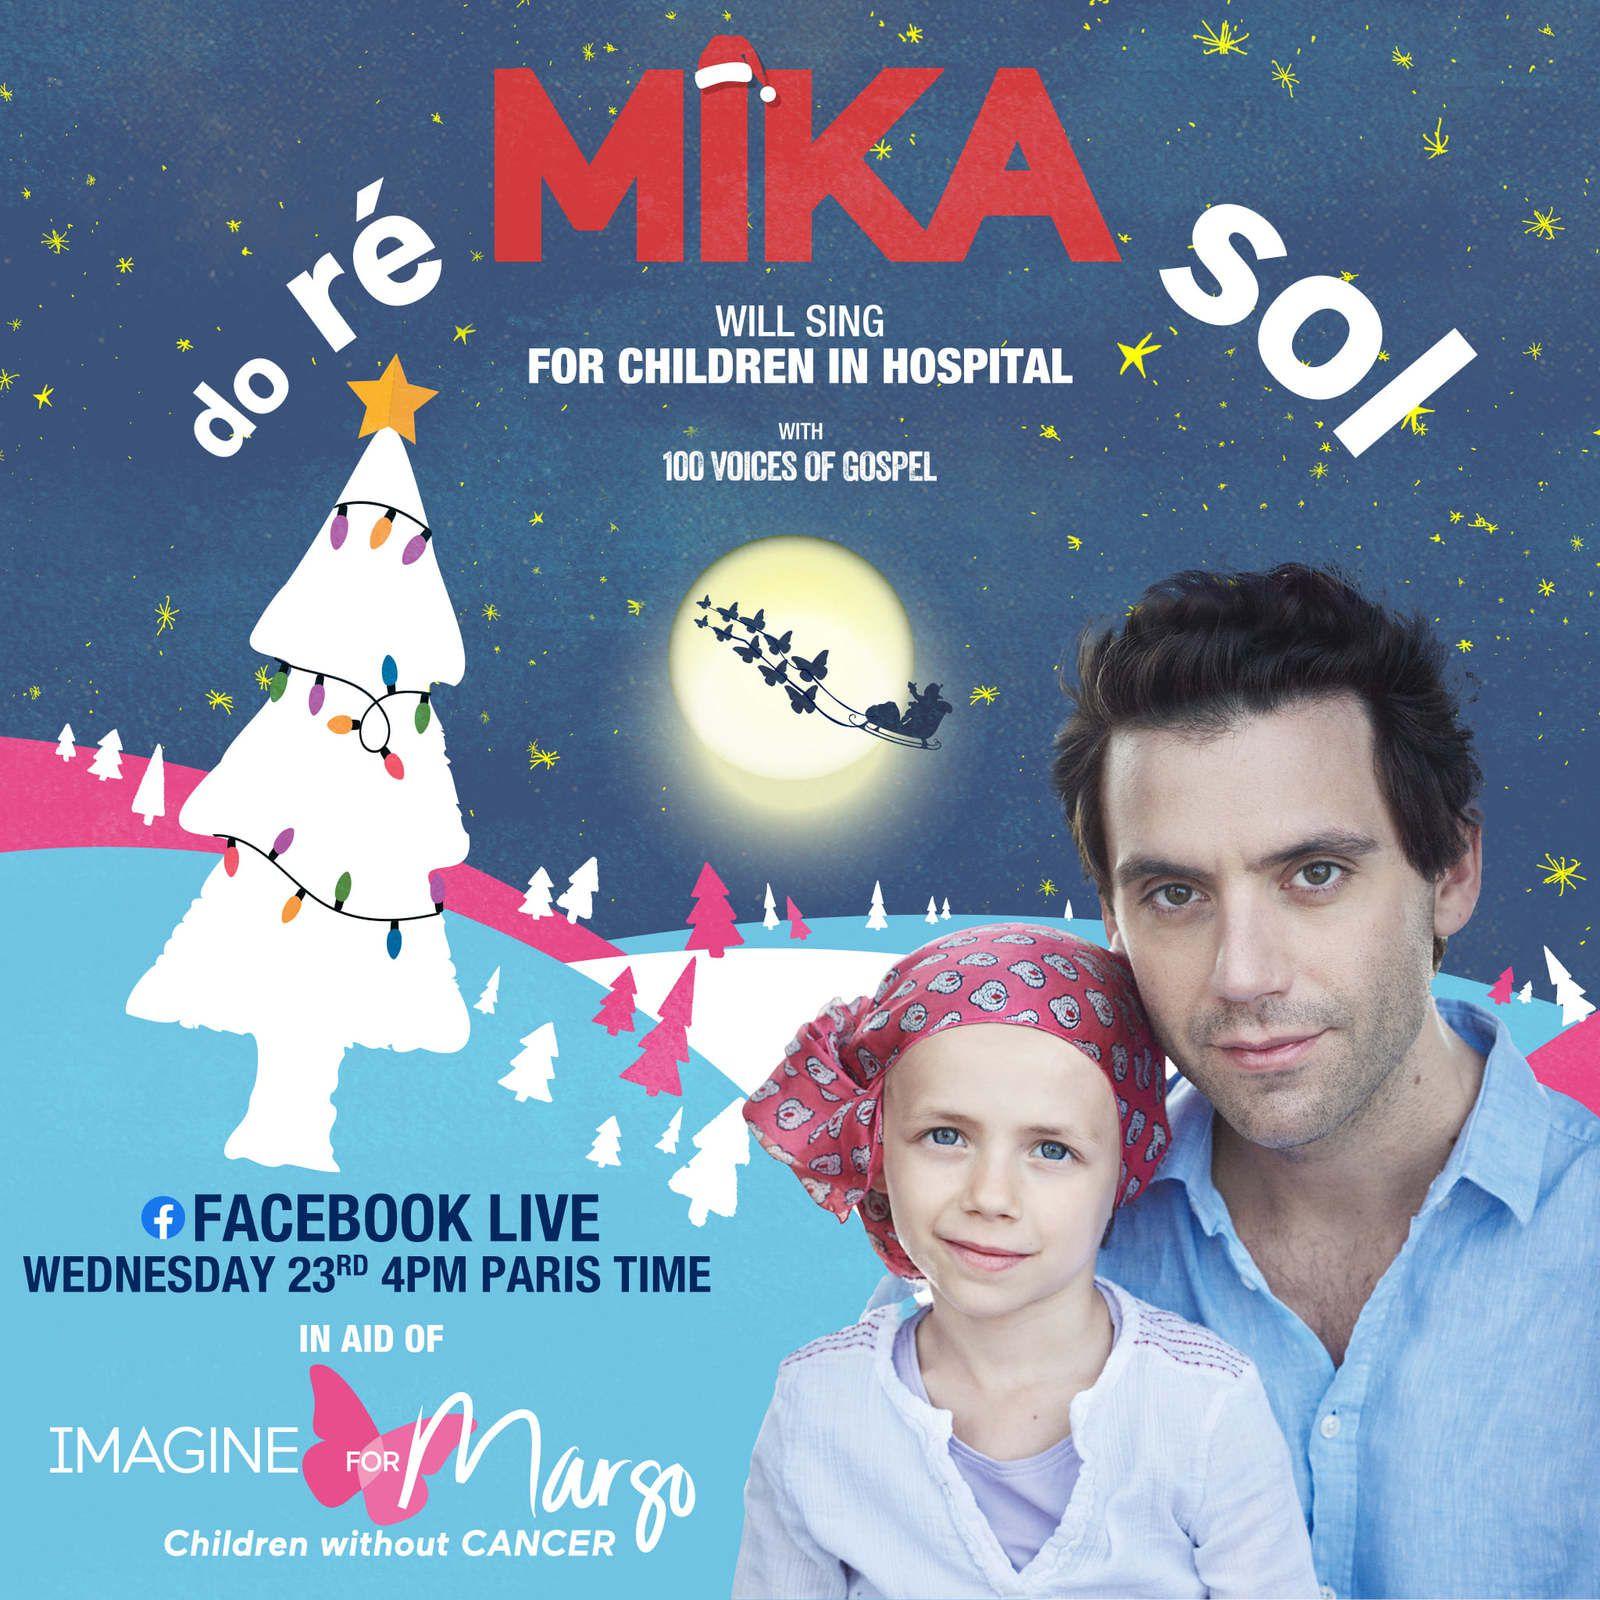 Dès aujourd'hui,  performances de Mika, Jean-Michel Jarre et David Guetta à suivre sur Facebook.